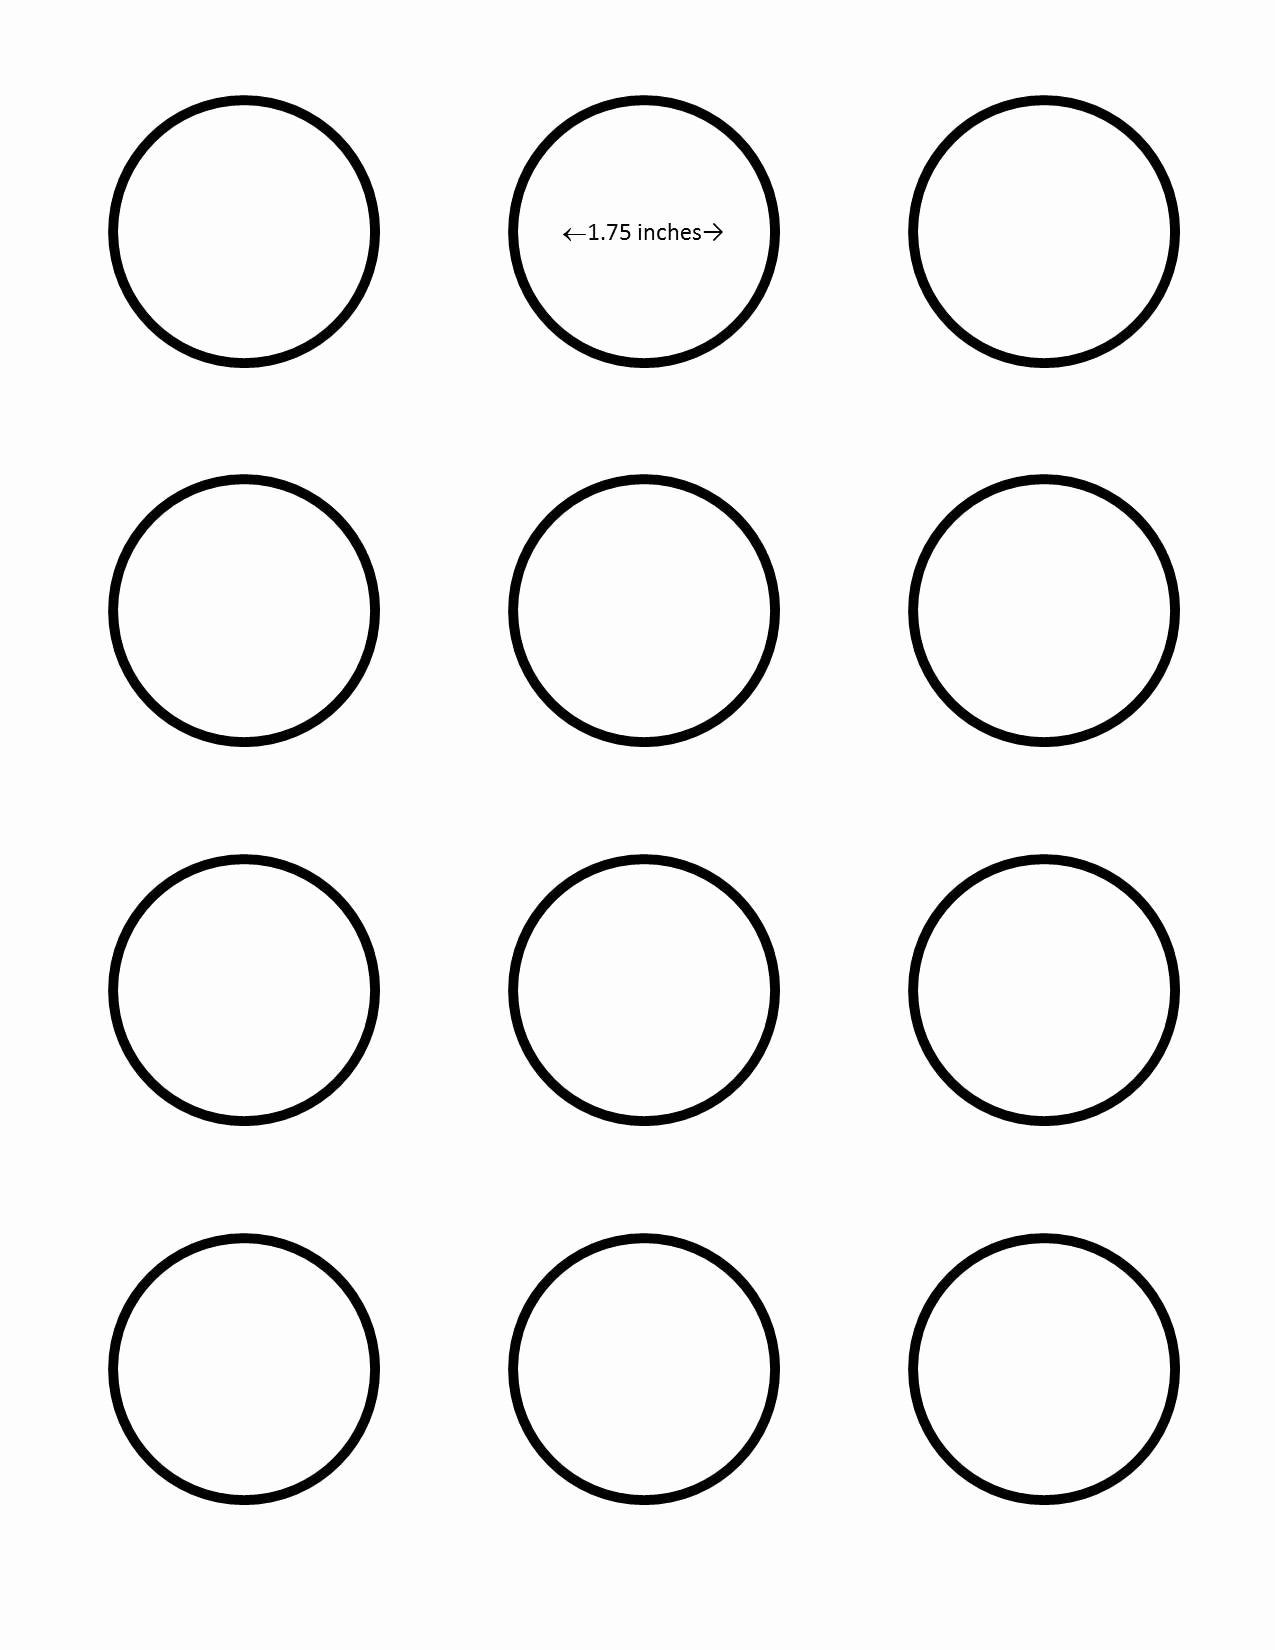 Macaron Template Printable Inspirational All Sizes